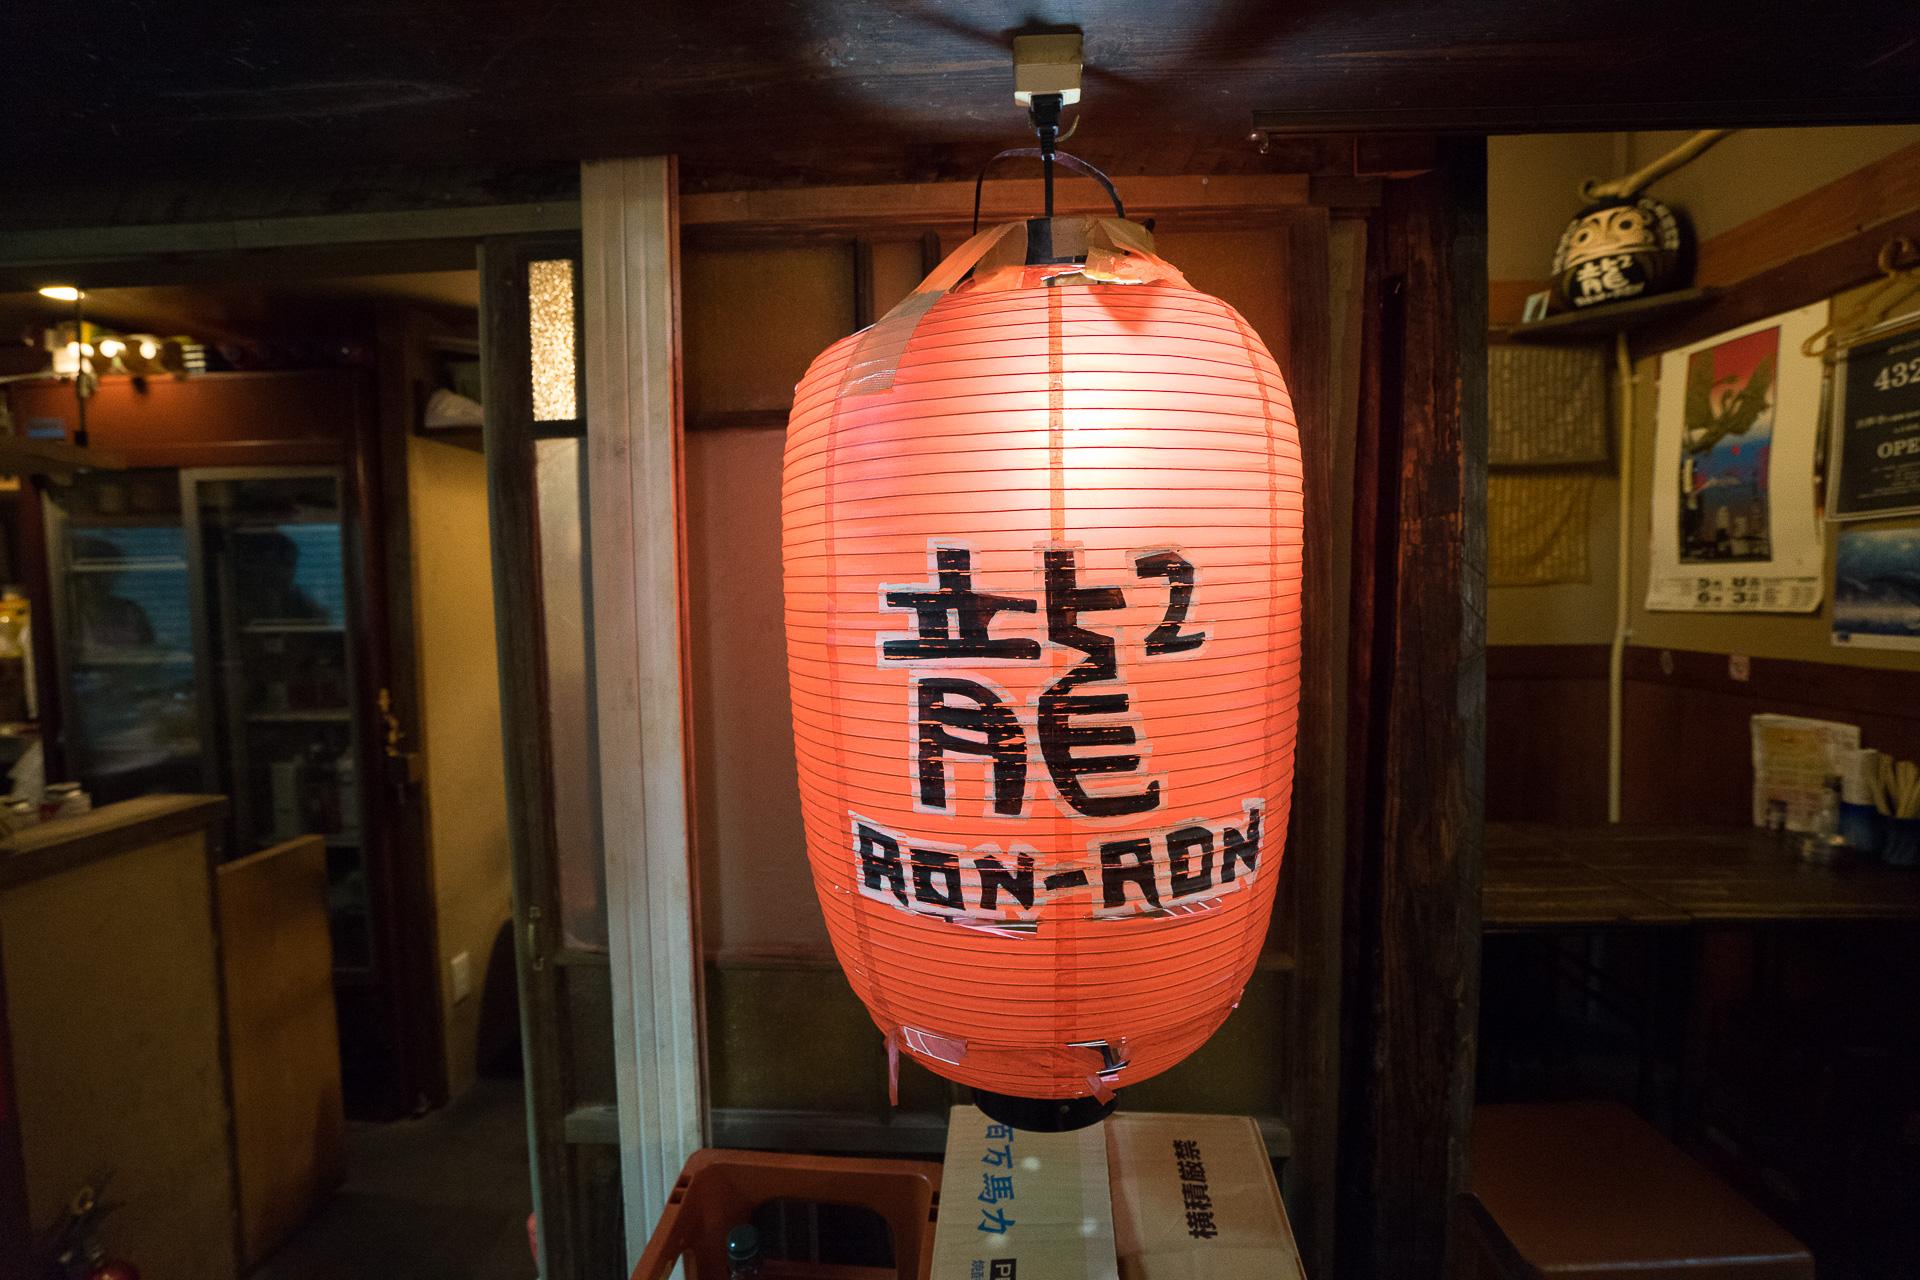 吉祥寺 ハモニカ横丁 龍 RON-RON